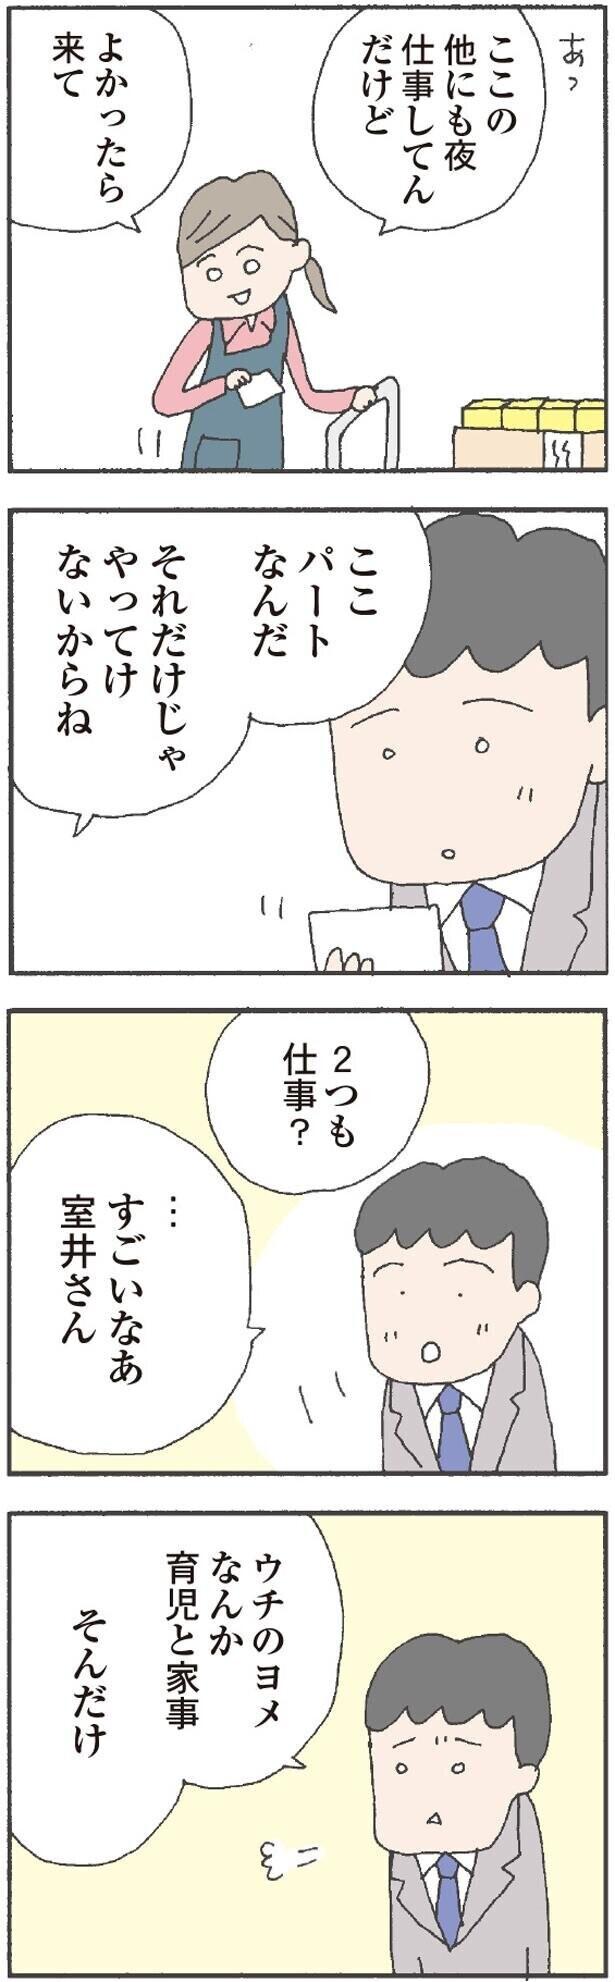 妻と違って、彼女はキラキラしていた【離婚してもいいですか? 翔子の場合 Vol.13】